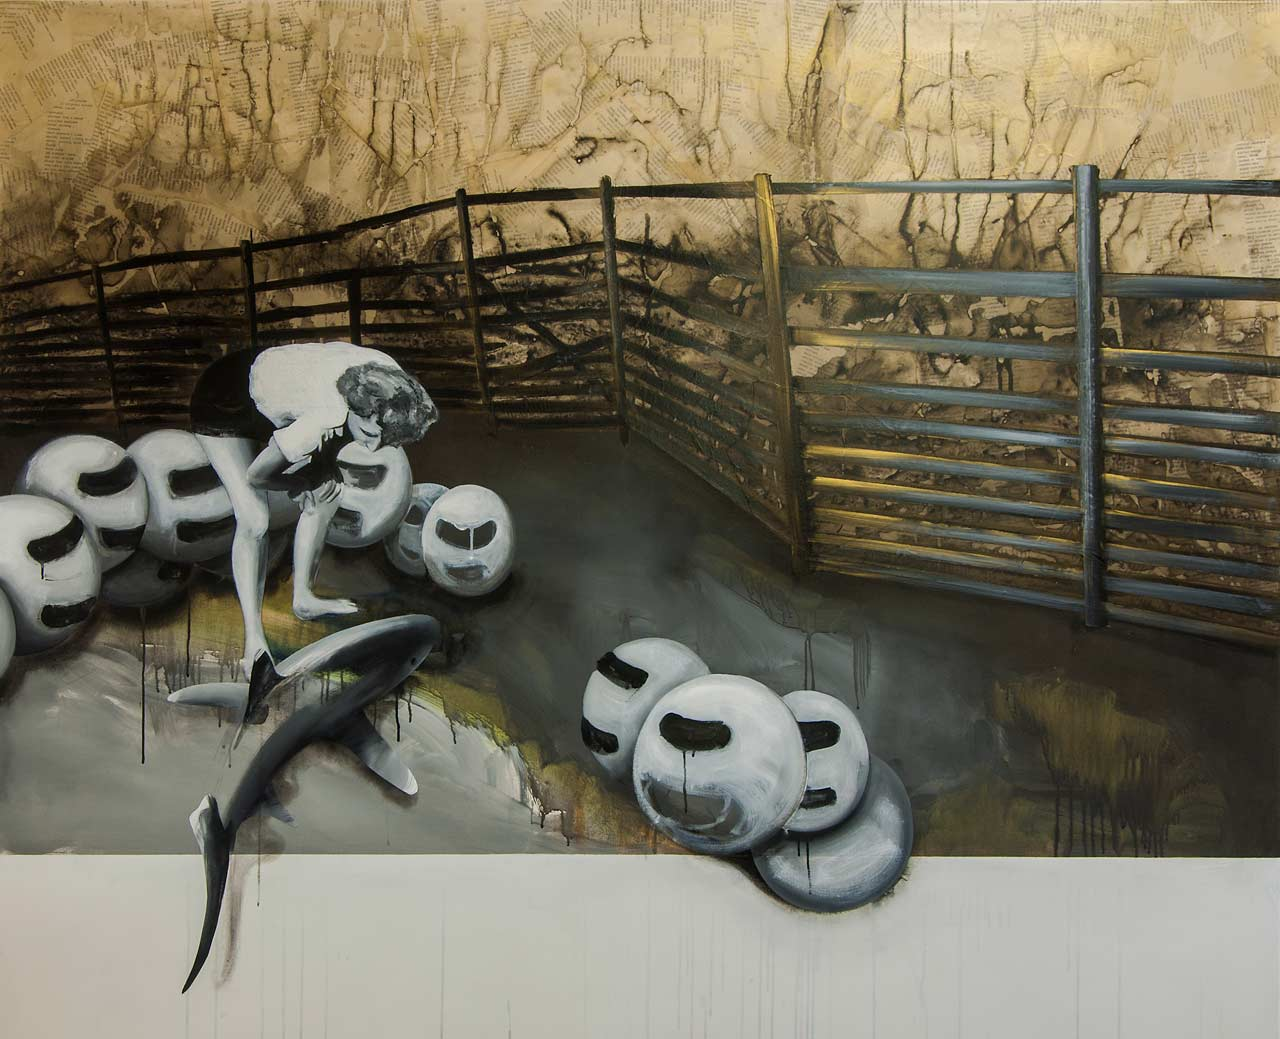 Oběť přinésti, za své činy budeš odměněn - arkyl na plátně, 200 x 165 cm, 2017